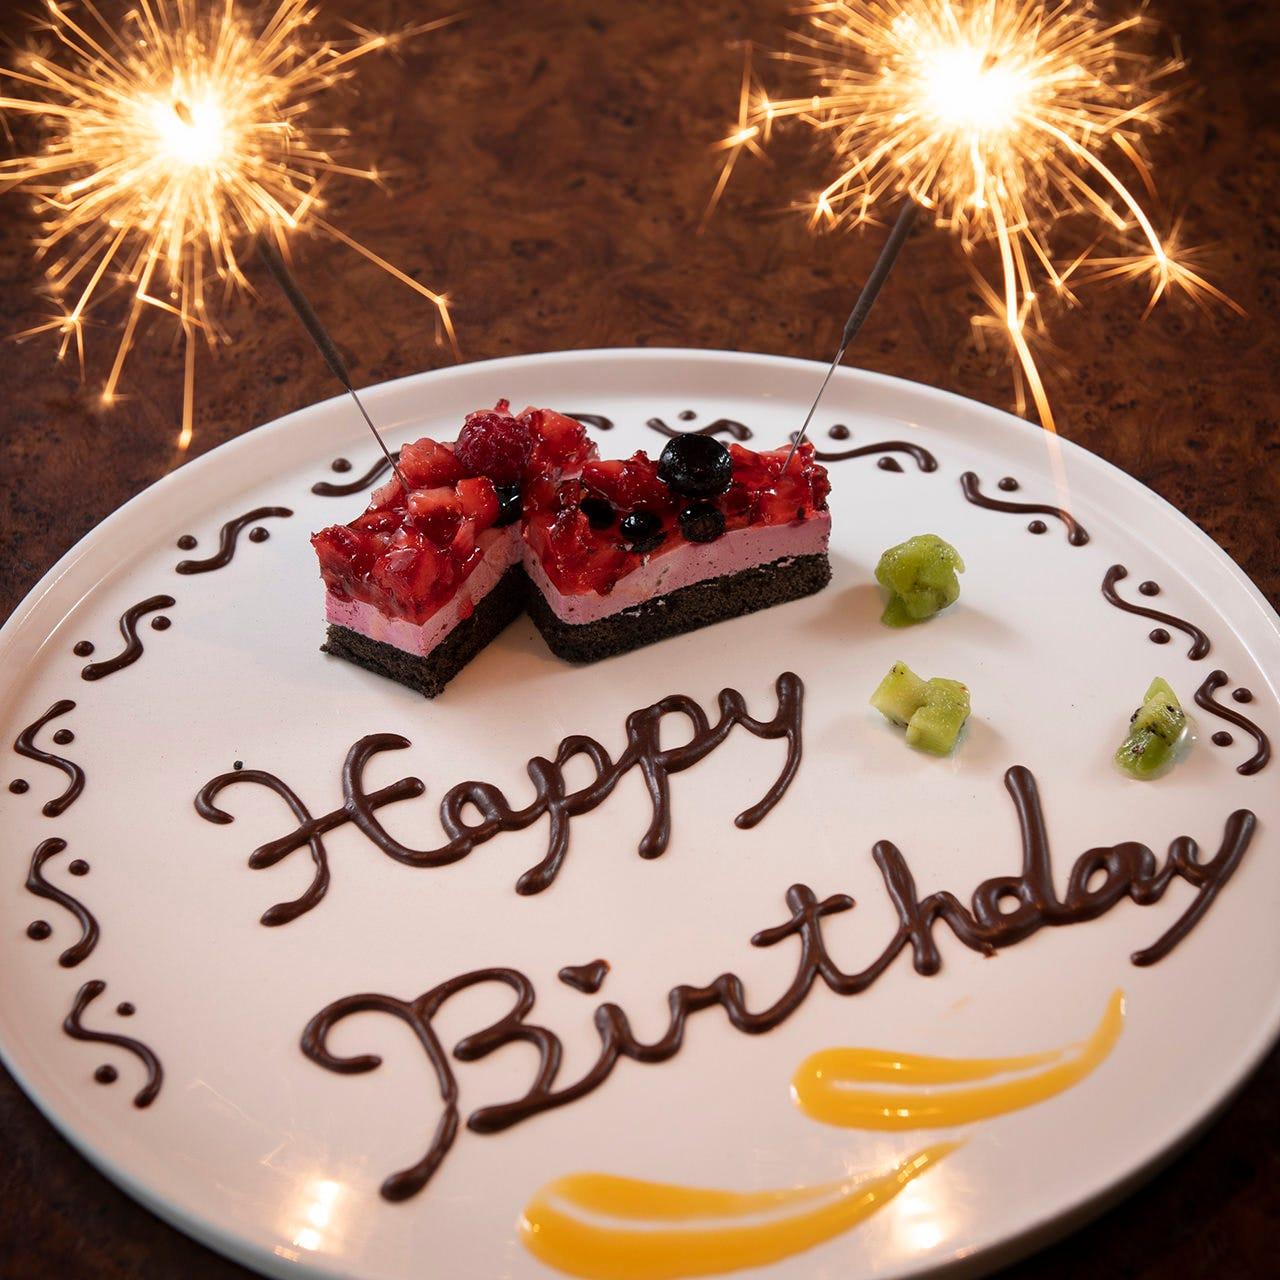 デザートの特別プレートをサービス!誕生日やお祝いにぜひ